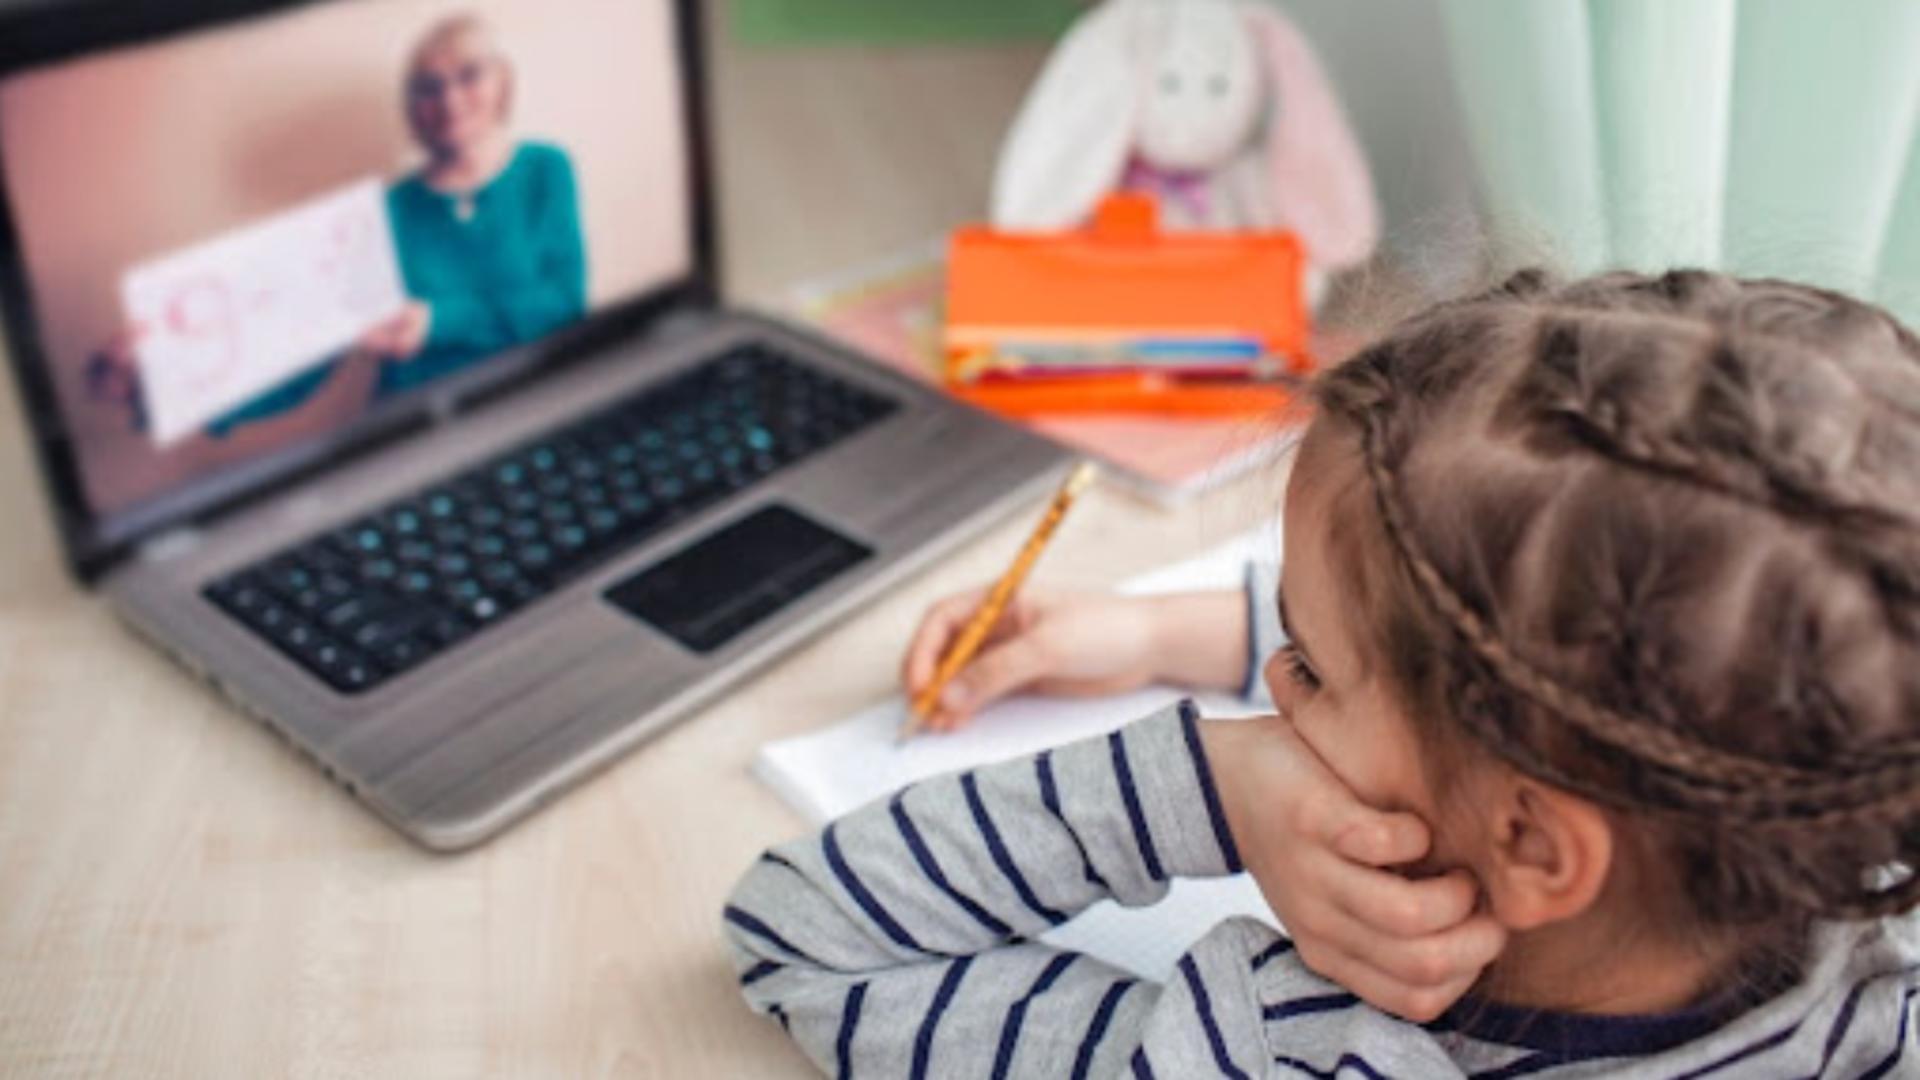 Elevii, părinții și profesorii NU răspund penal dacă înregistrează și distribuie orele din online